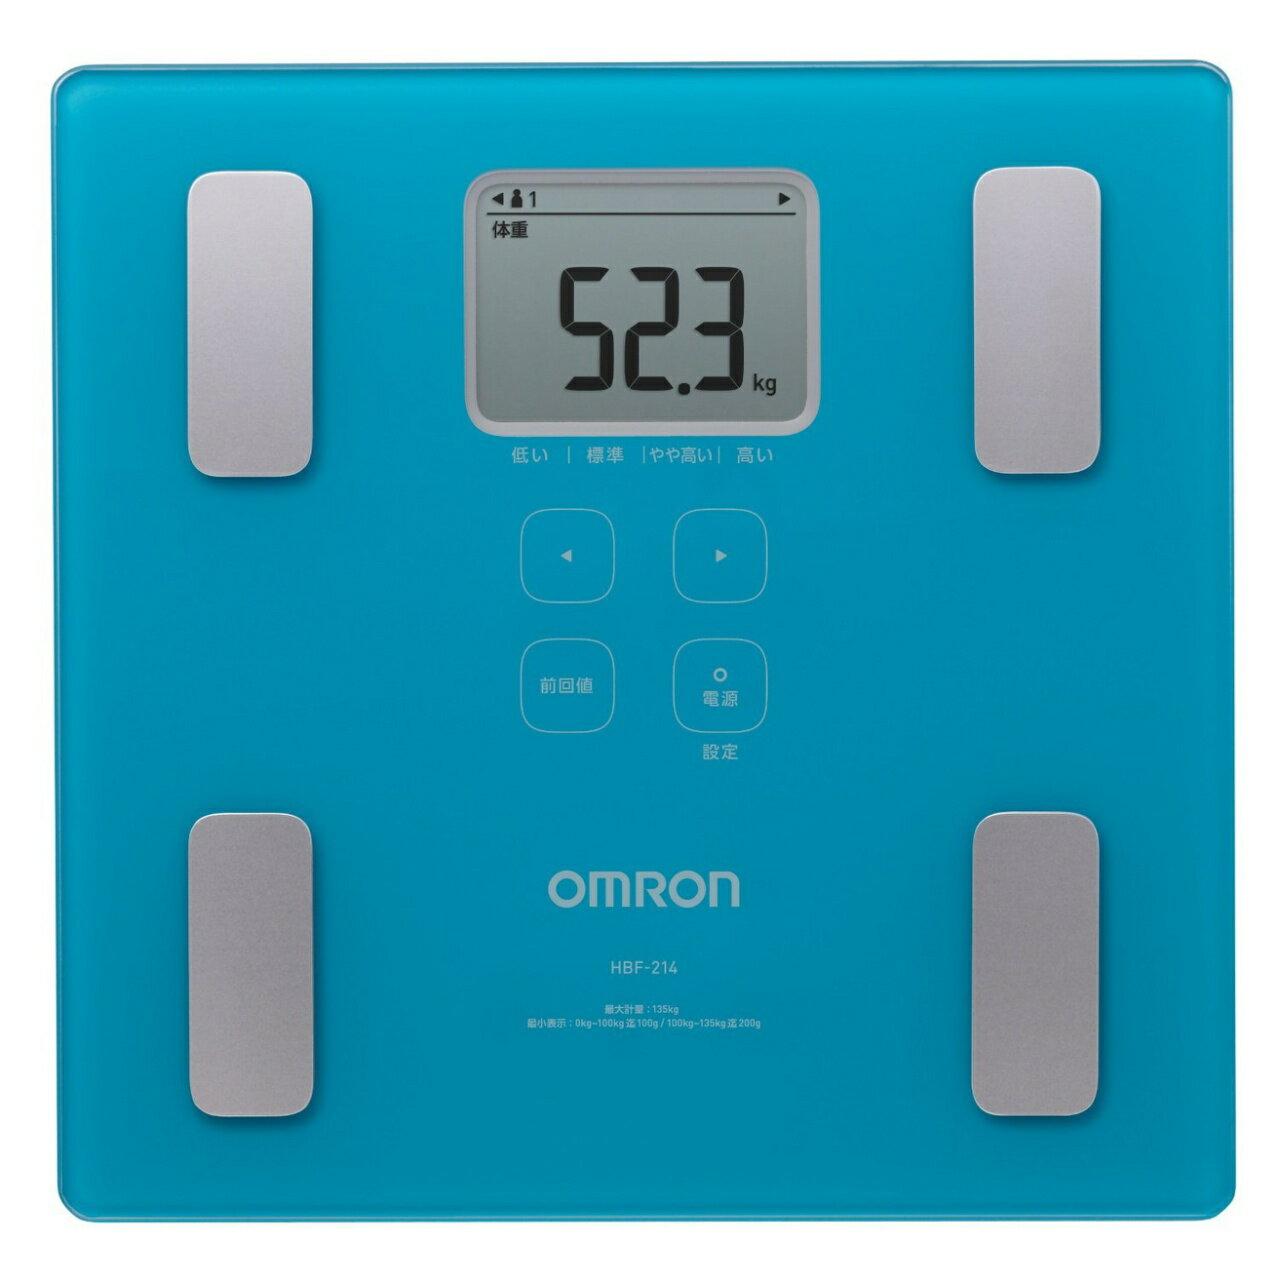 OMRON歐姆龍體脂肪計HBF-214(藍色),限量加贈專用提袋(送完為止)